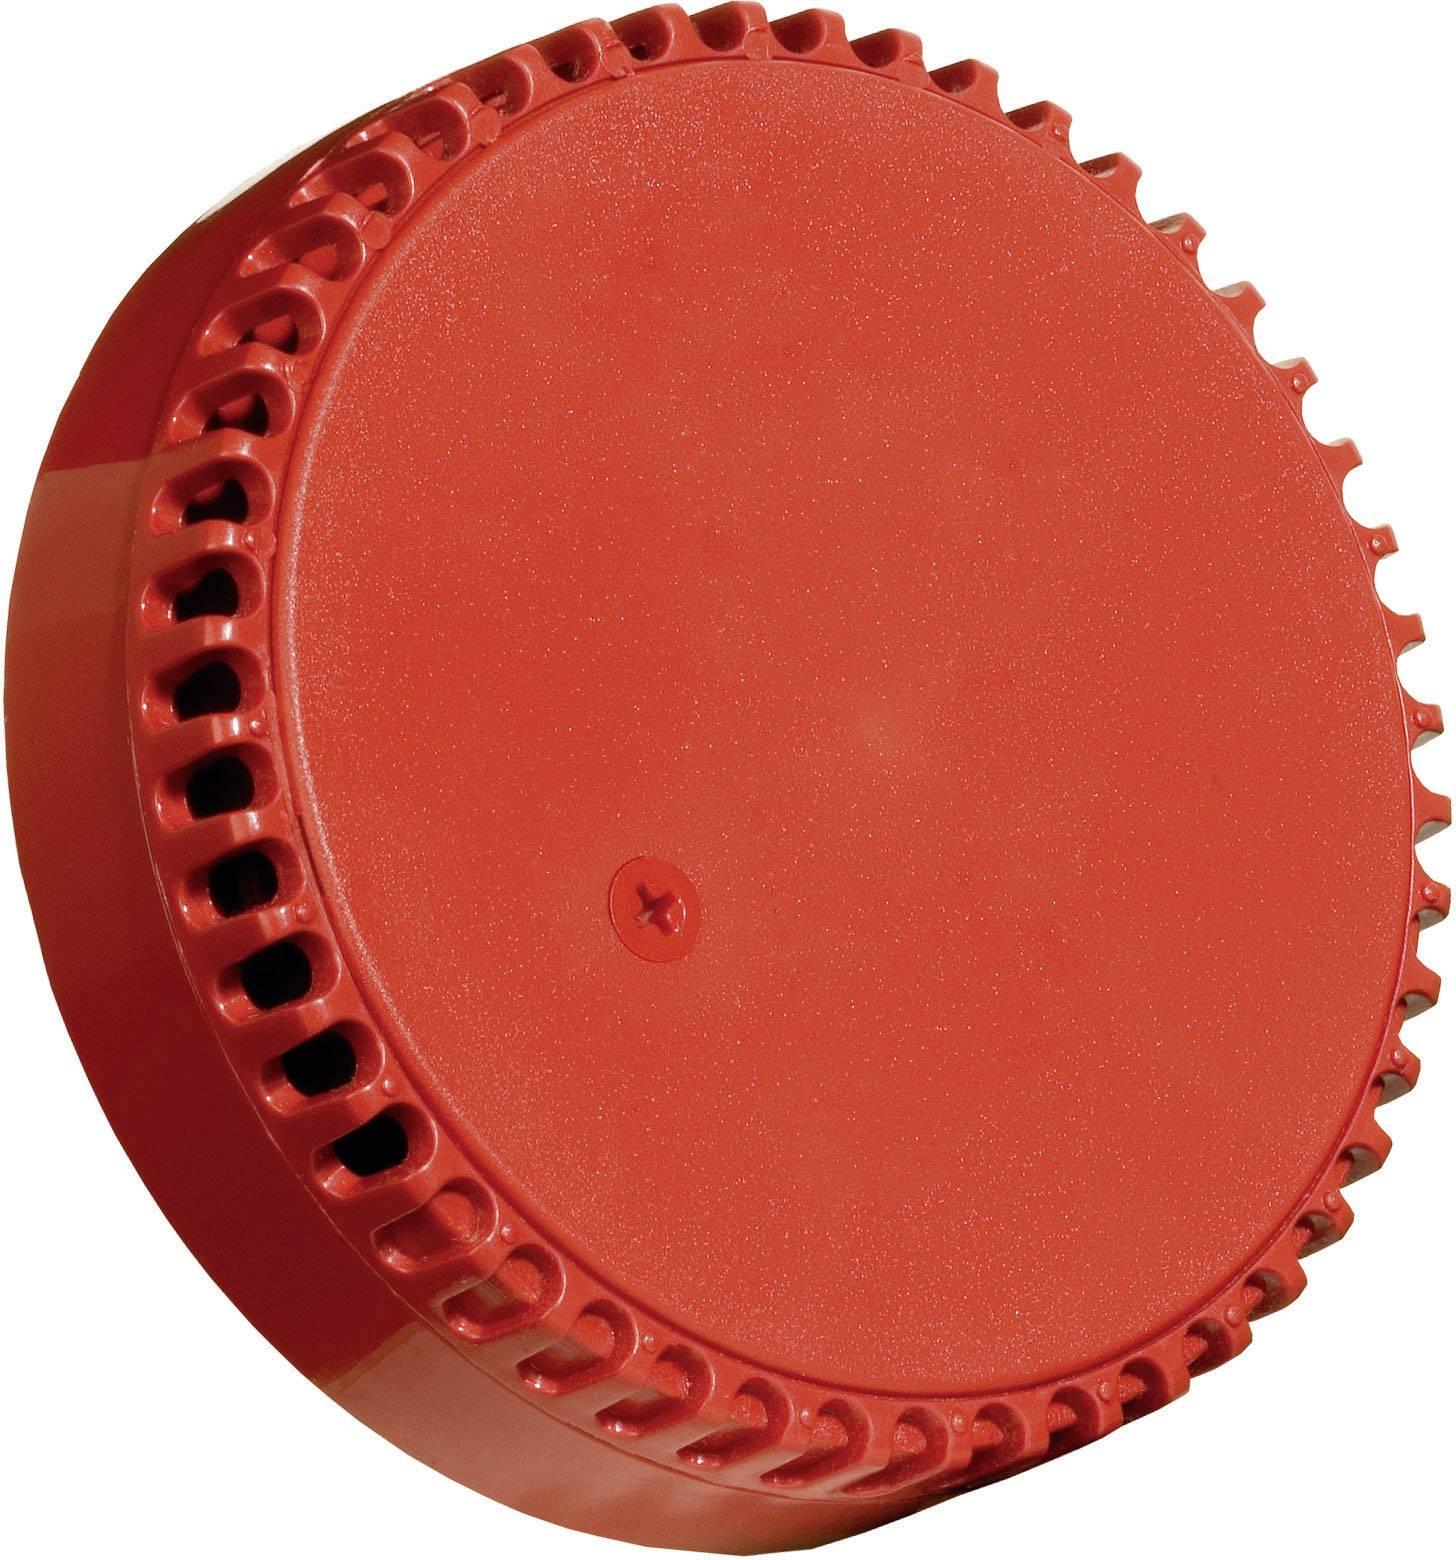 Signalizačná siréna ComPro Squashni rot SQ/R, tón, 12 V/DC, 24 V/DC, 102 dB, IP21